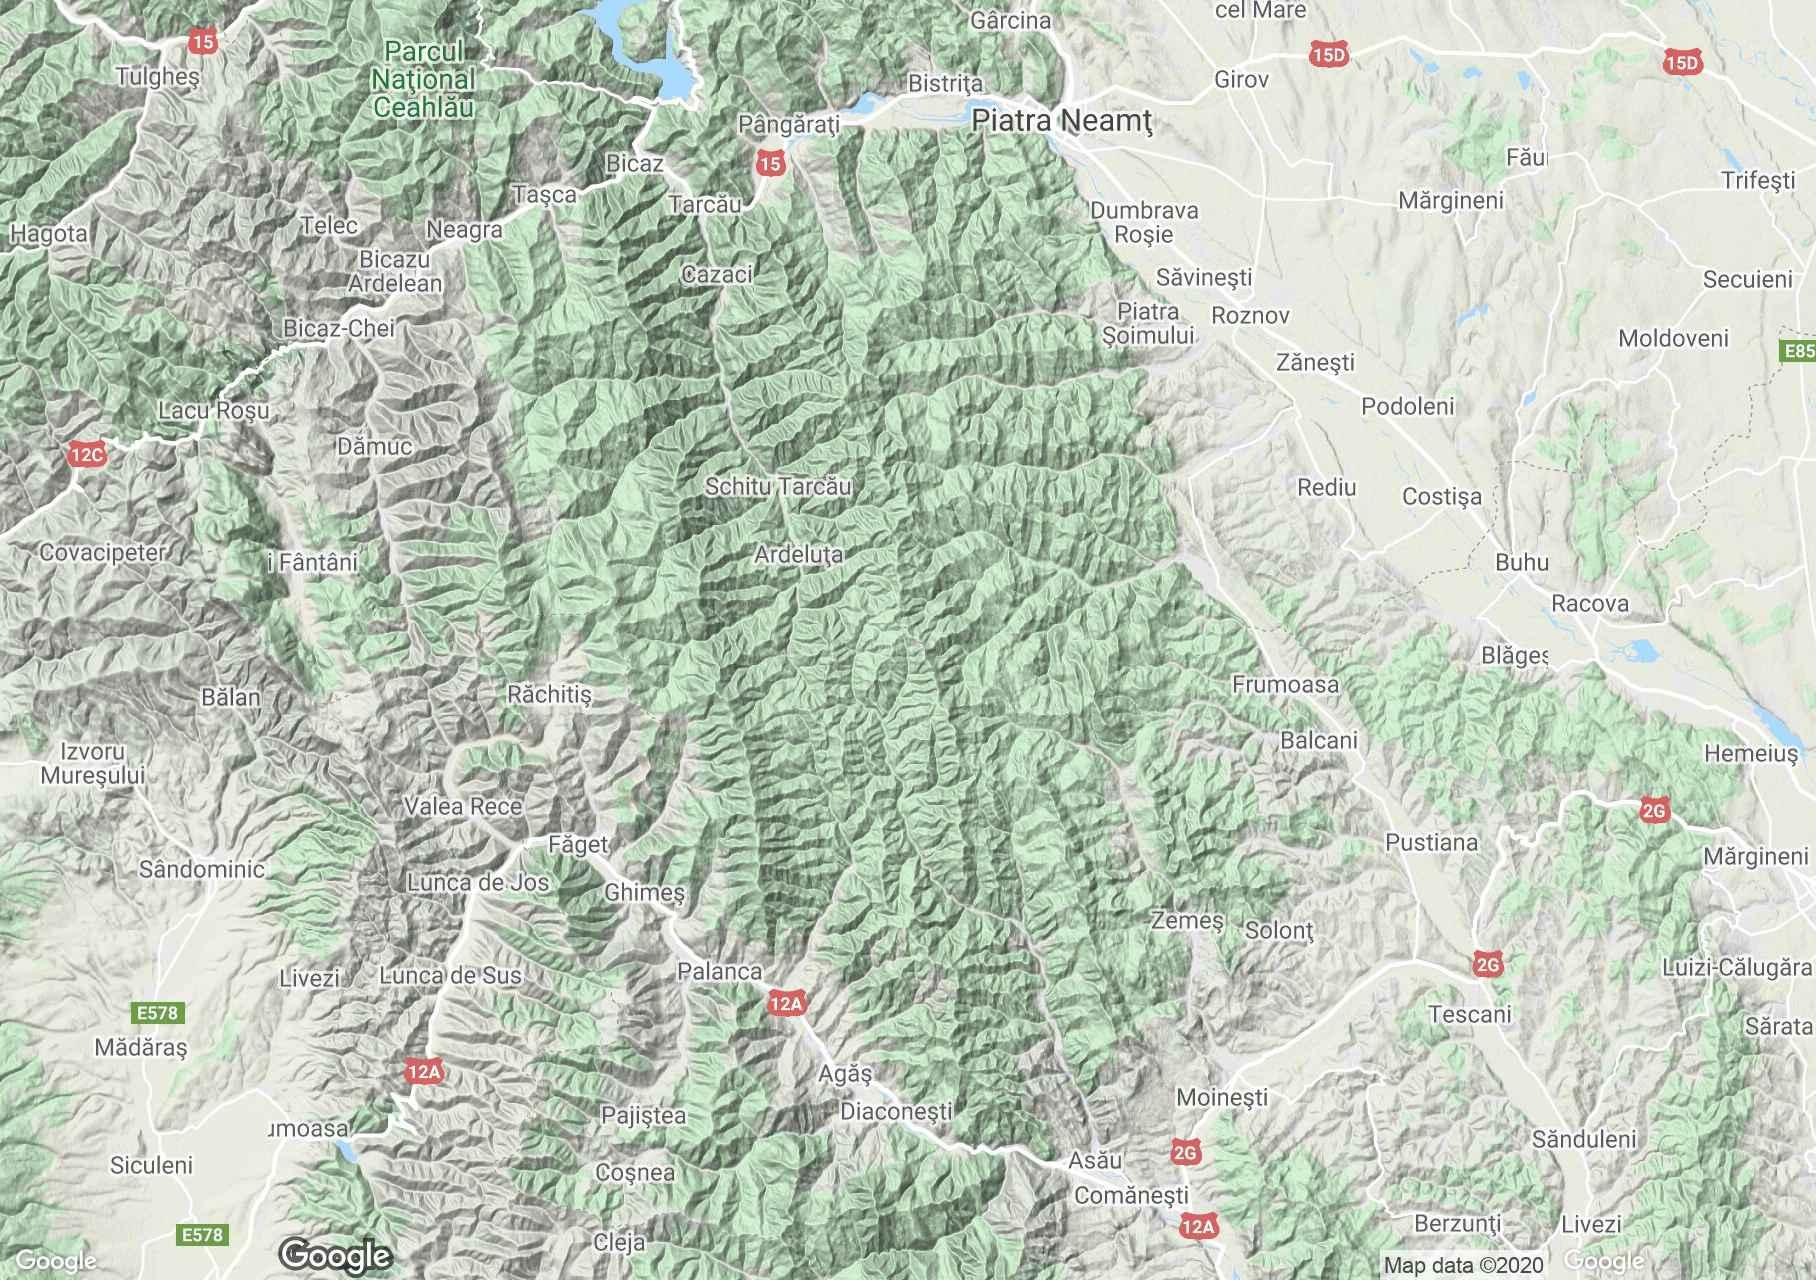 Gosman-hegység interaktív turista térképe.